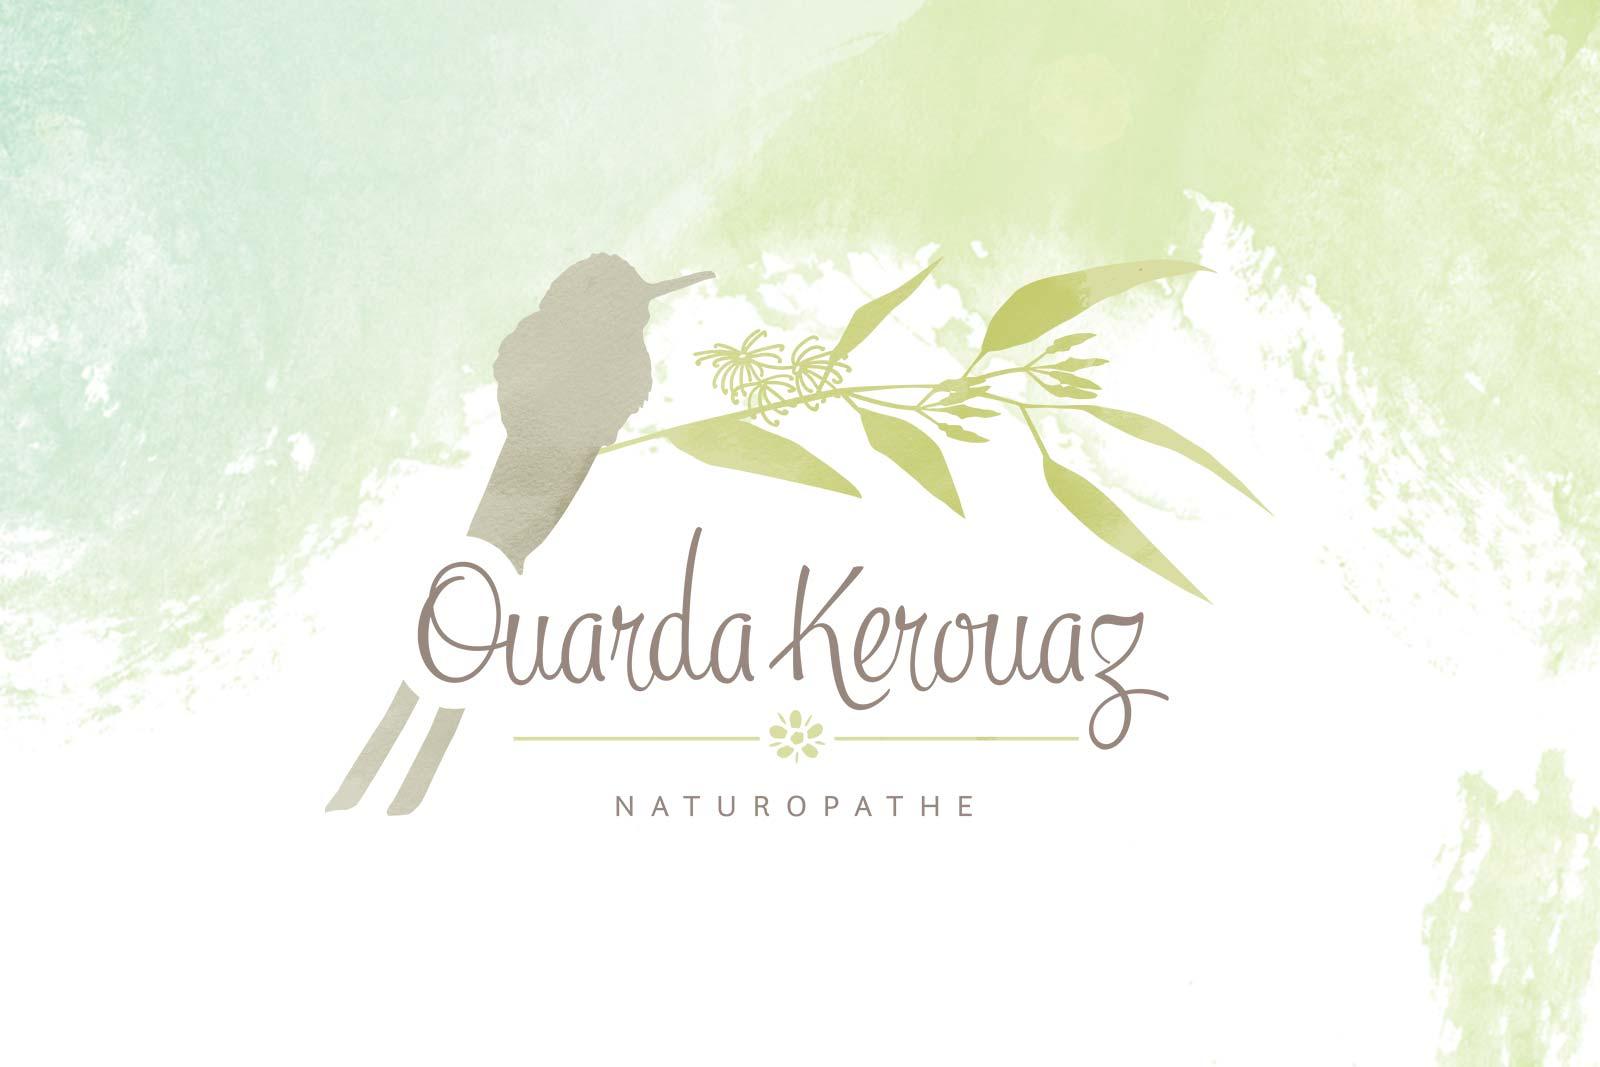 Ouarda kerouaz Naturopathe Logotype